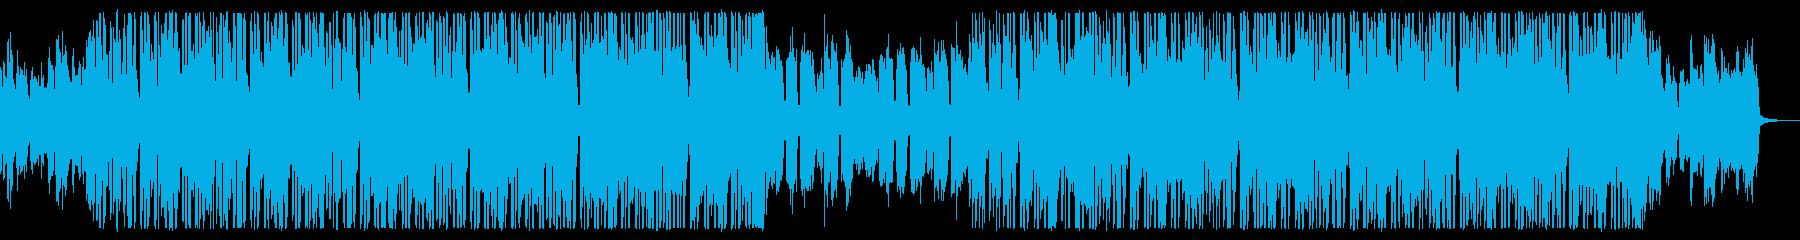 ブラス音がメインのインストヒップホップの再生済みの波形